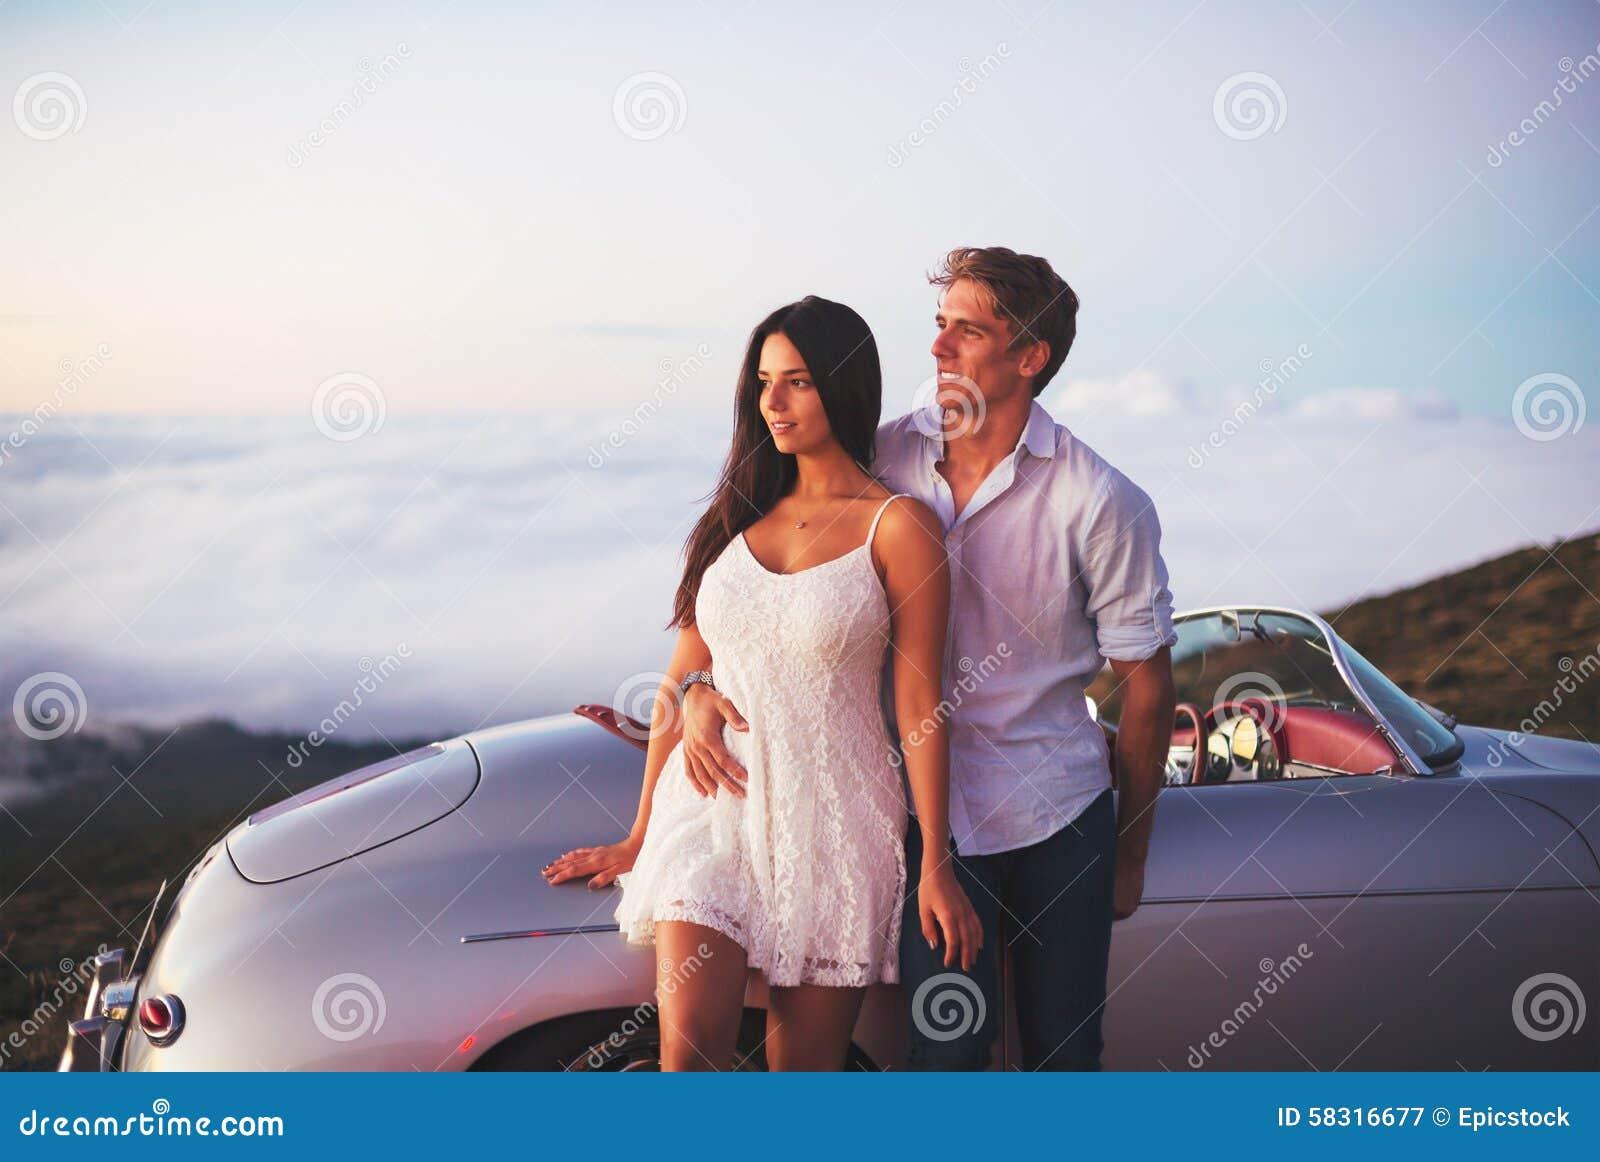 Ζεύγος που προσέχει το ηλιοβασίλεμα με το κλασικό εκλεκτής ποιότητας αυτοκίνητο